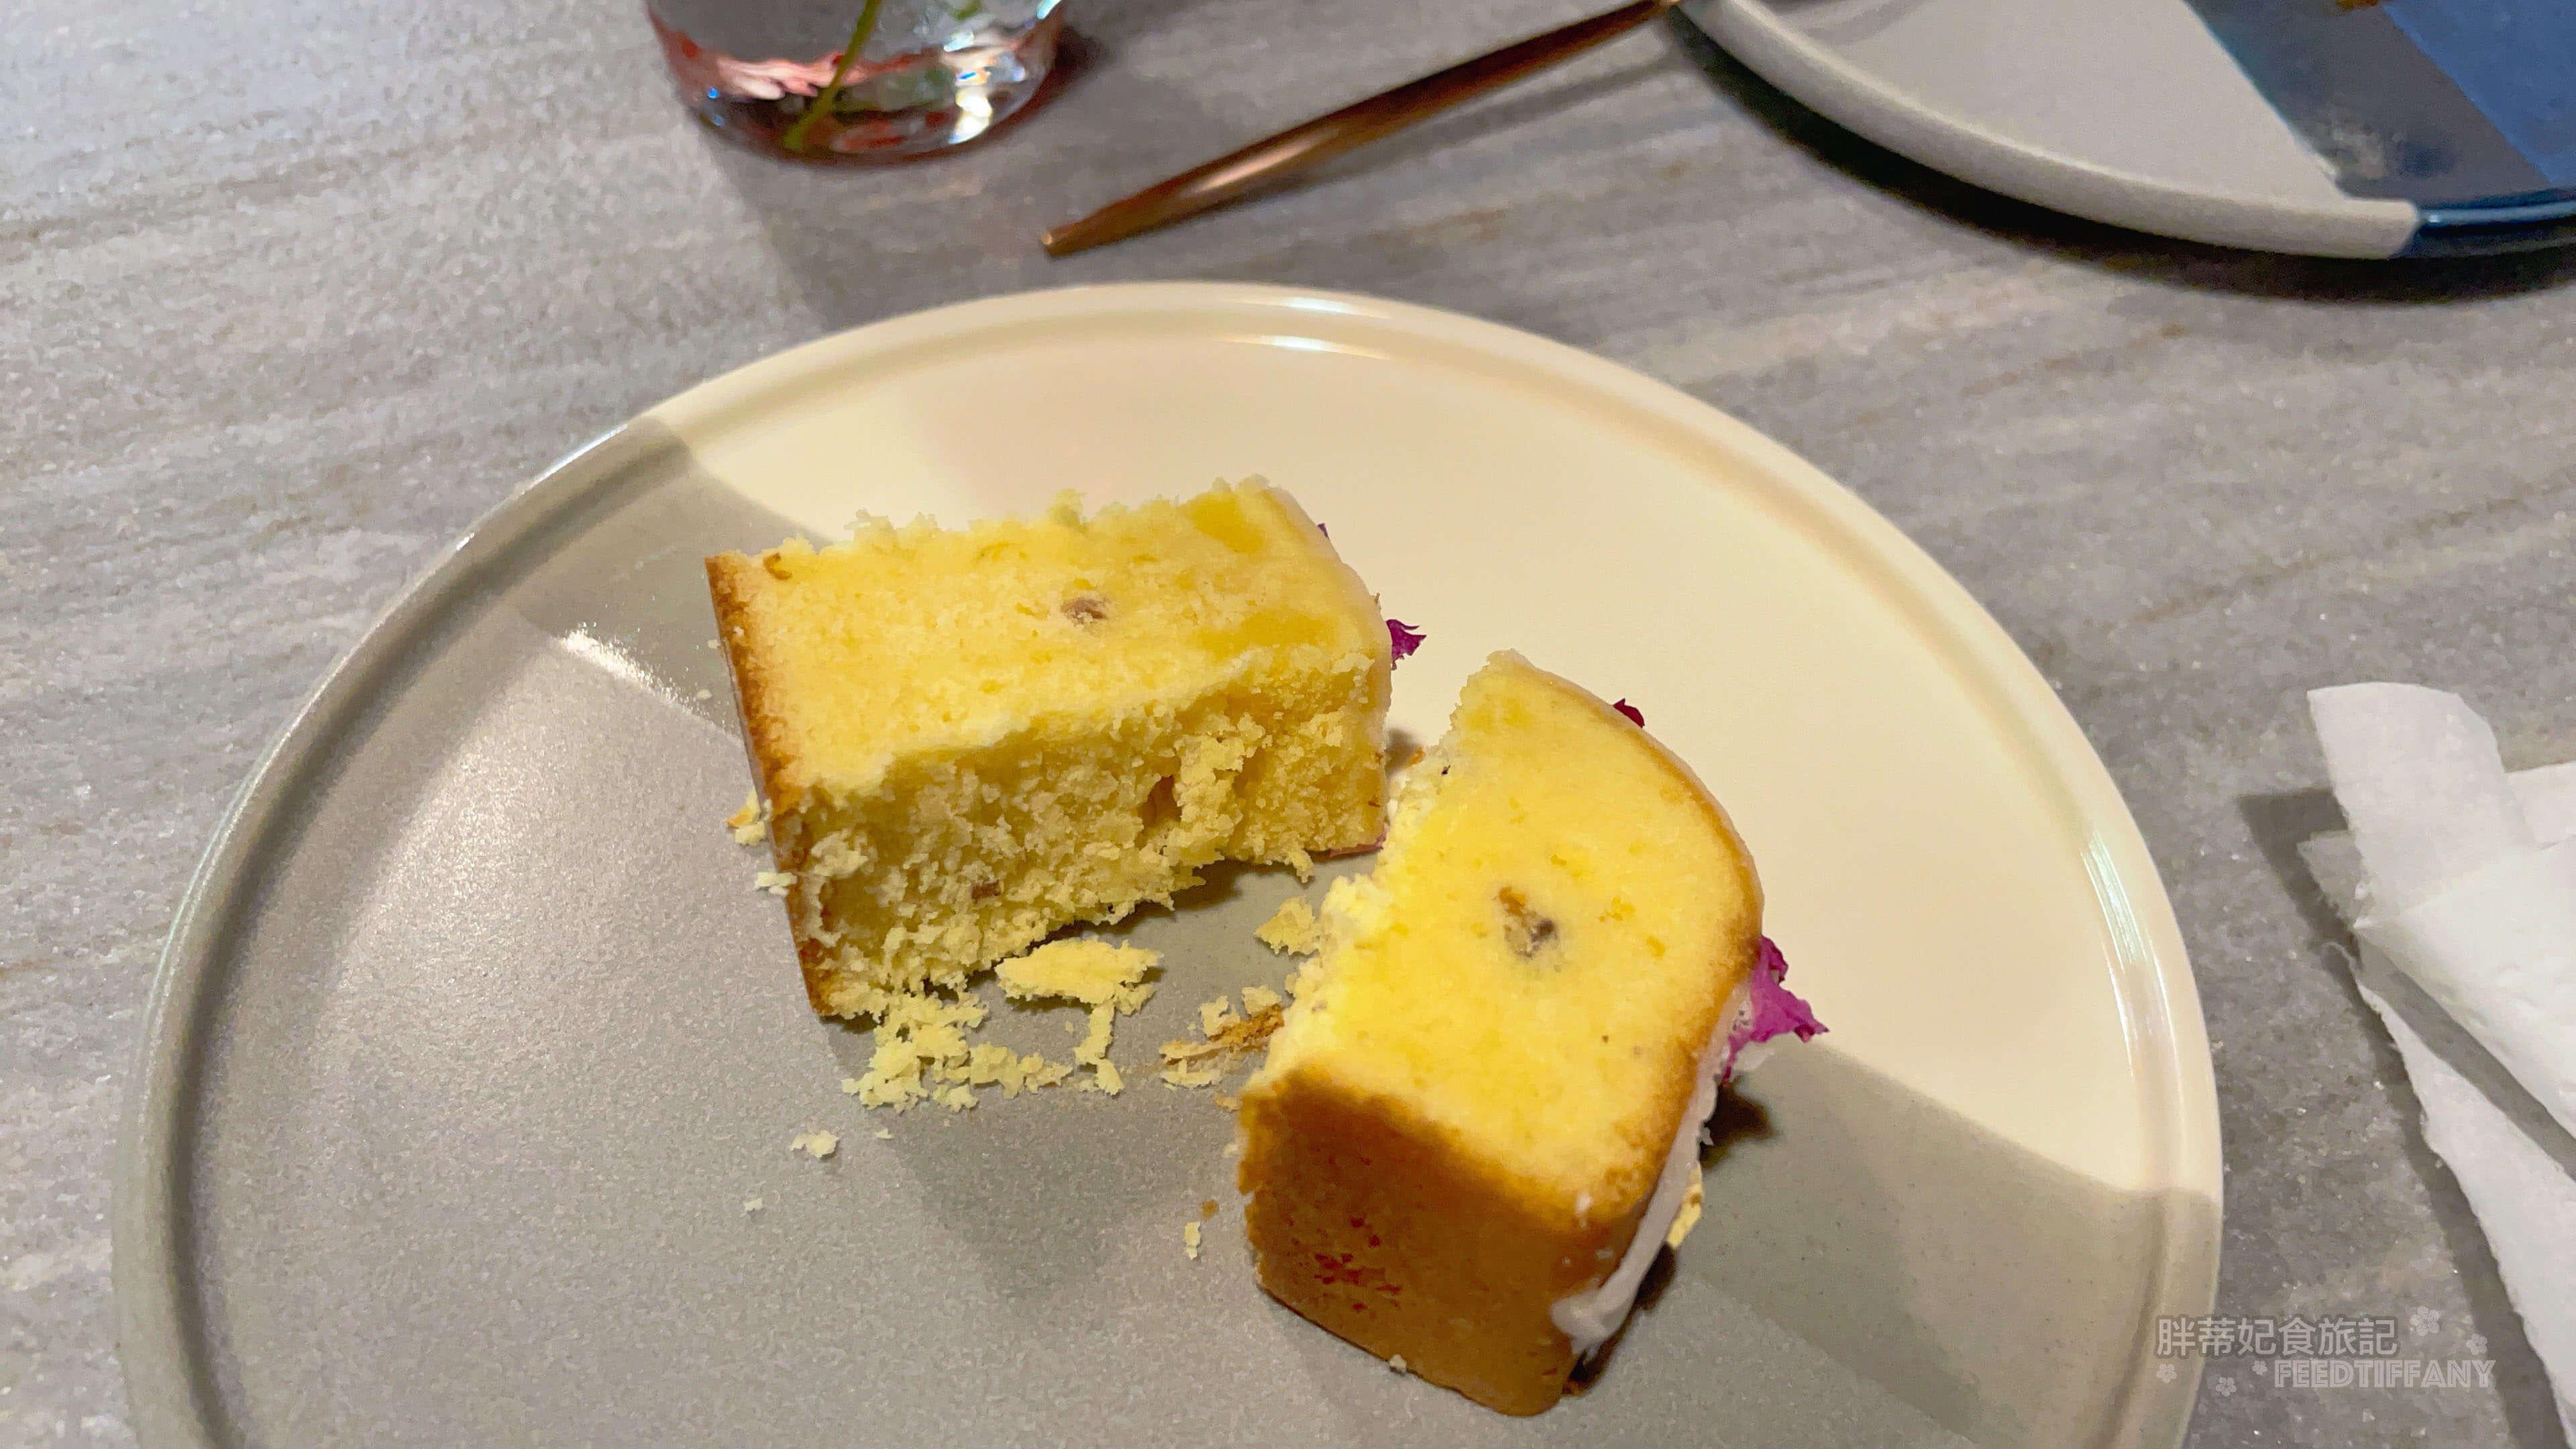 可貝塔 檸檬桂花蜜磅蛋糕